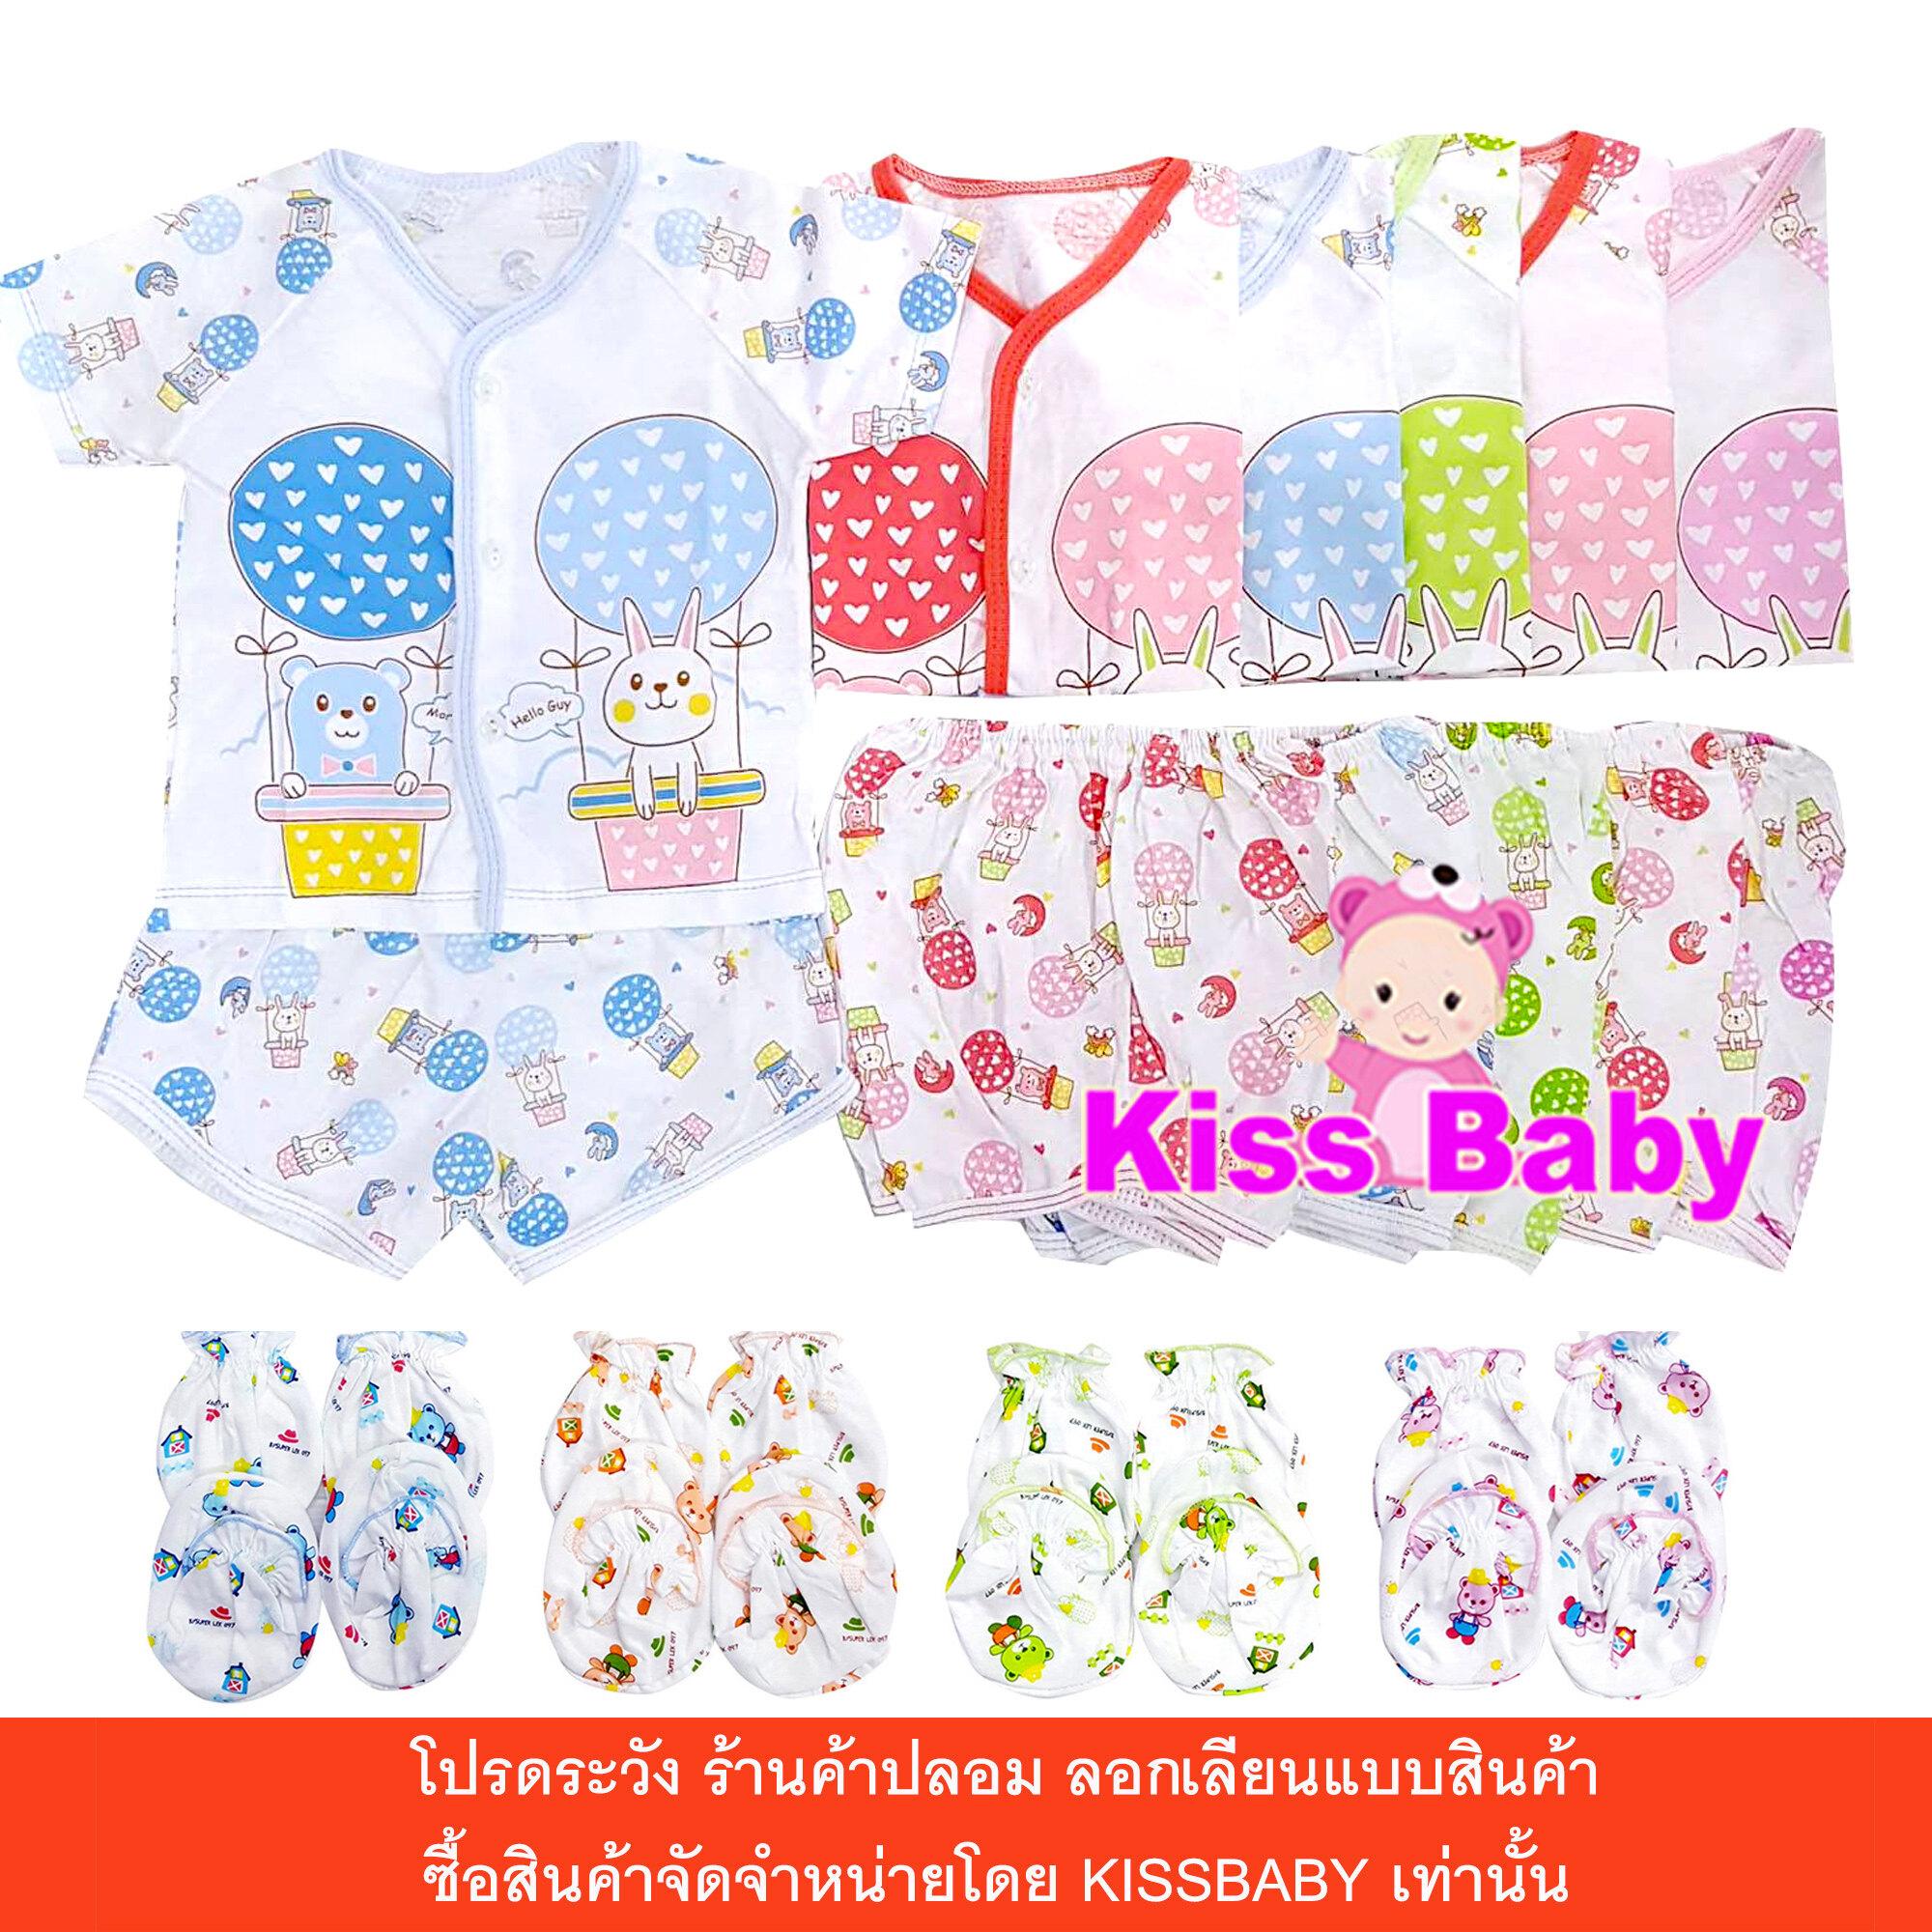 แนะนำ KISSBABY ชุดเซ็ต เสื้อผ้าเด็กแรกเกิด ถุงมือ ถุงเท้า สำหรับเด็กแรกเกิด - 6 เดือน